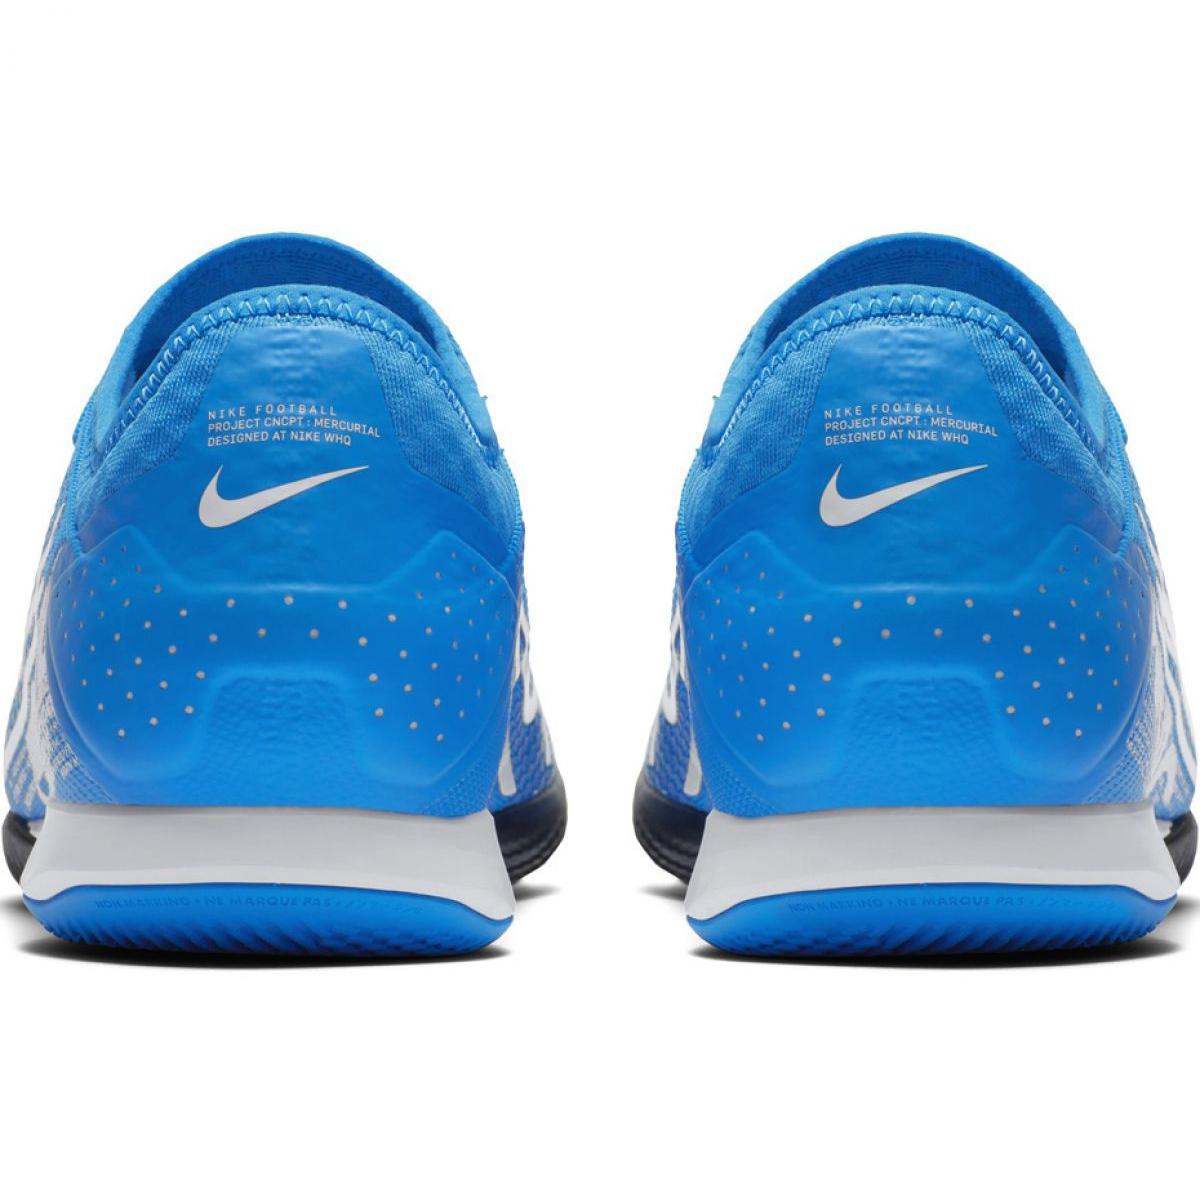 heißester Verkauf klar und unverwechselbar neues Fußballschuhe Nike Mercurial Vapor 13 Pro Ic M AT8001 414 blau